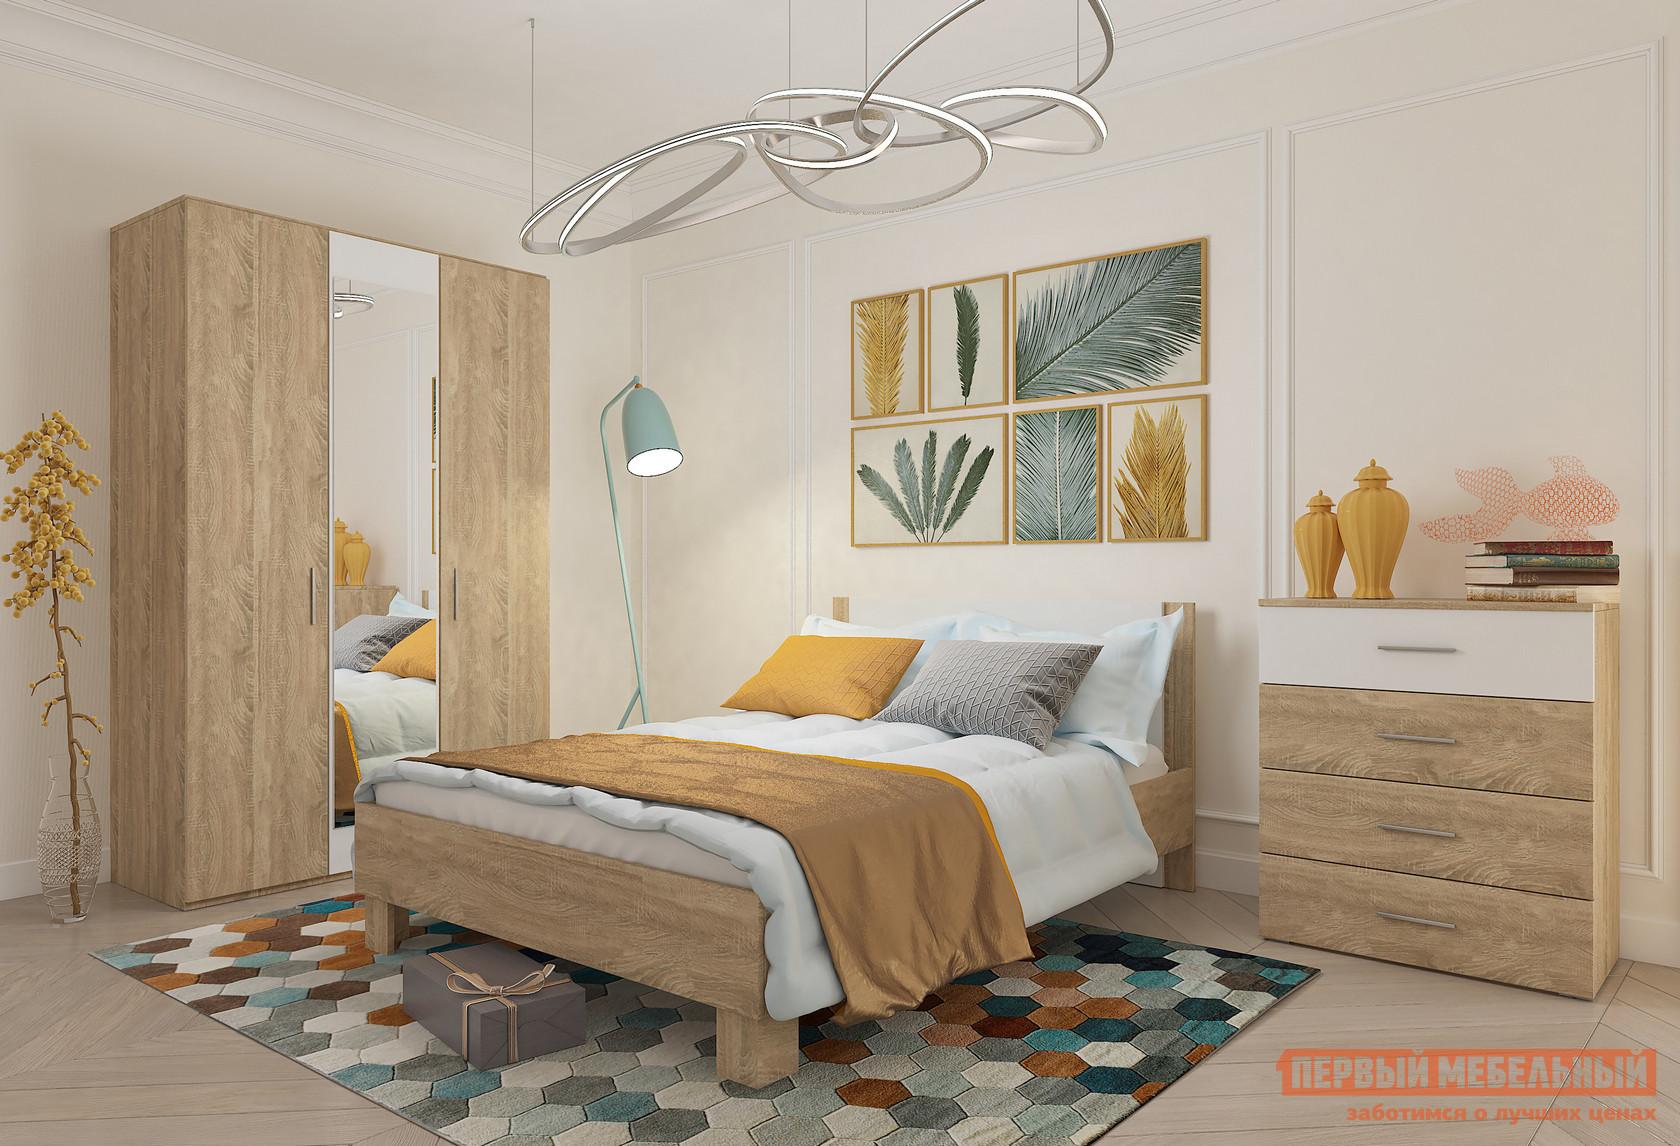 Спальный гарнитур Милана Монморанси К2 спальный гарнитур трия лючия к2